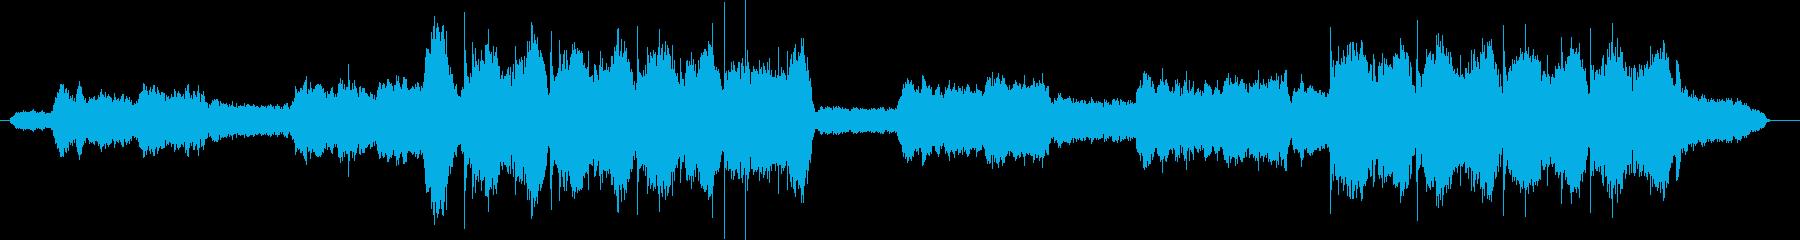 ヒーリングボイスが印象的な癒やしサウンドの再生済みの波形